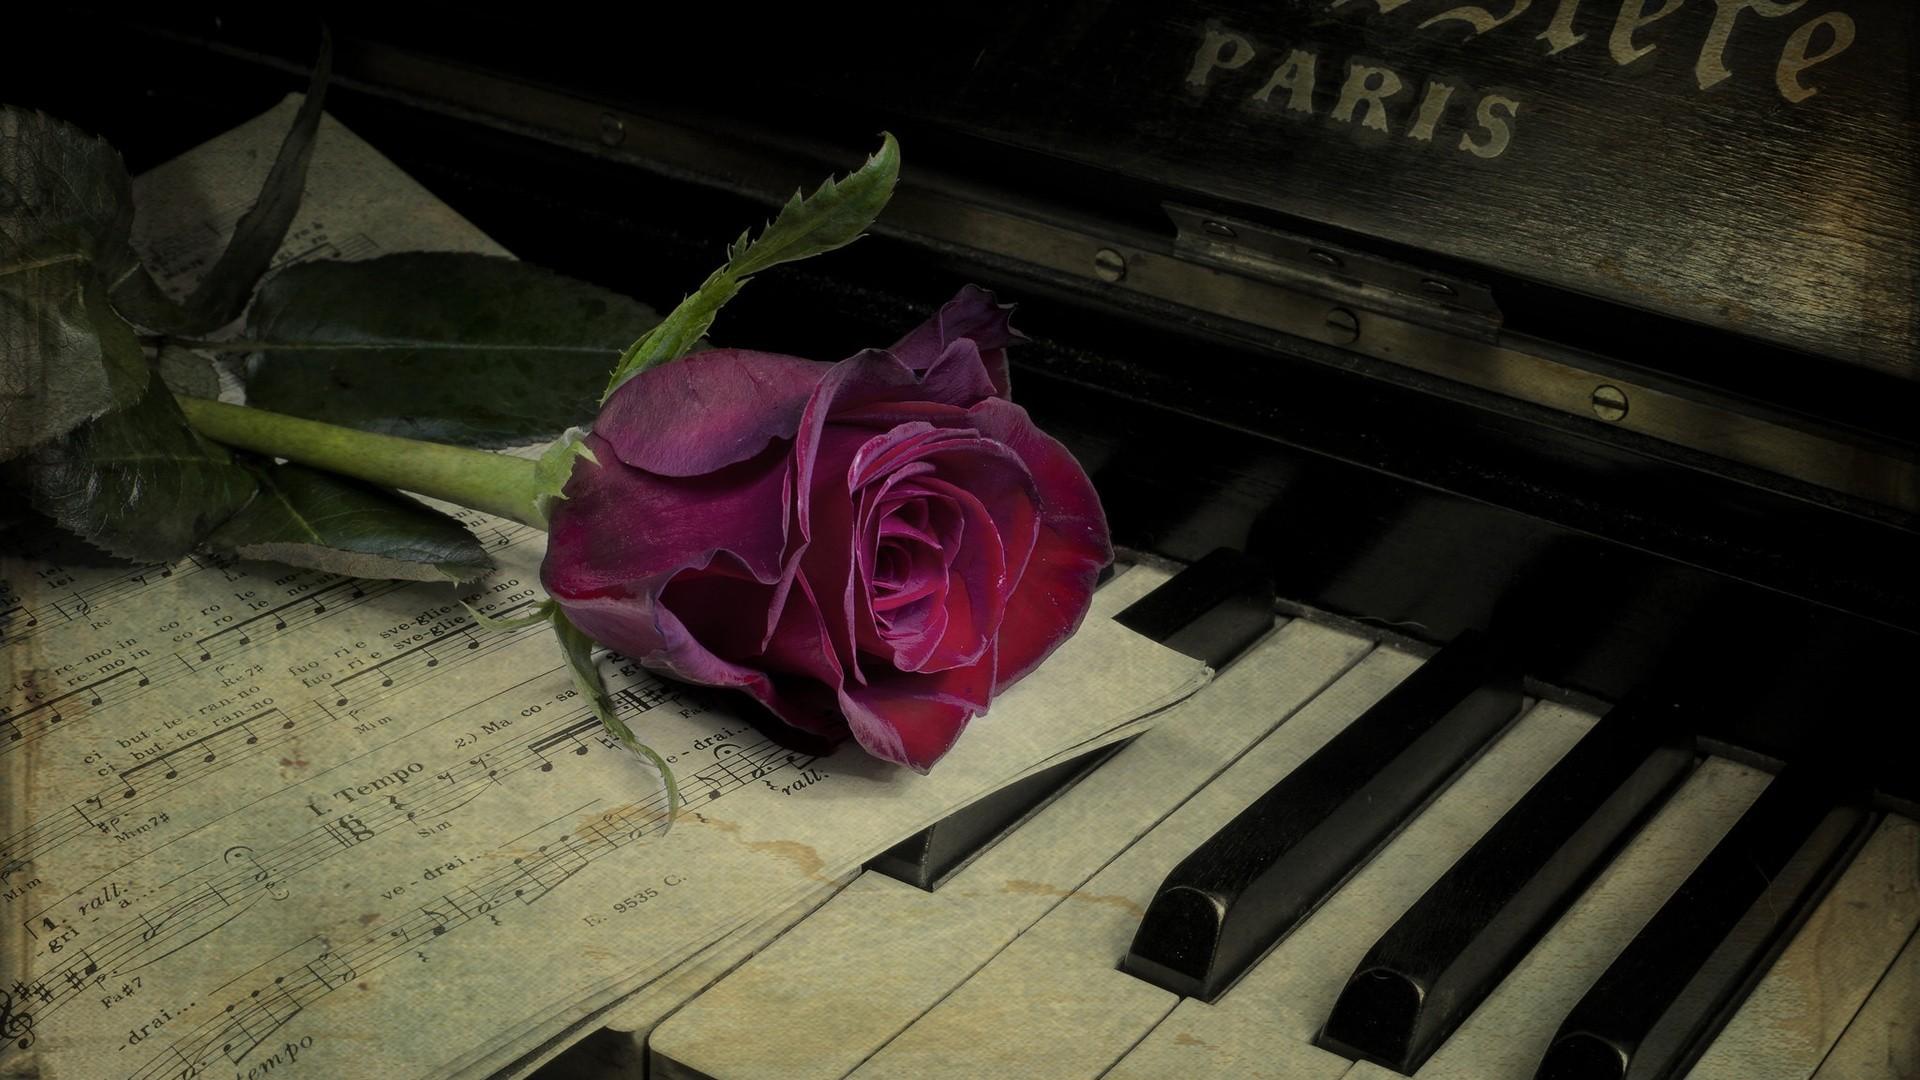 Piano Picture